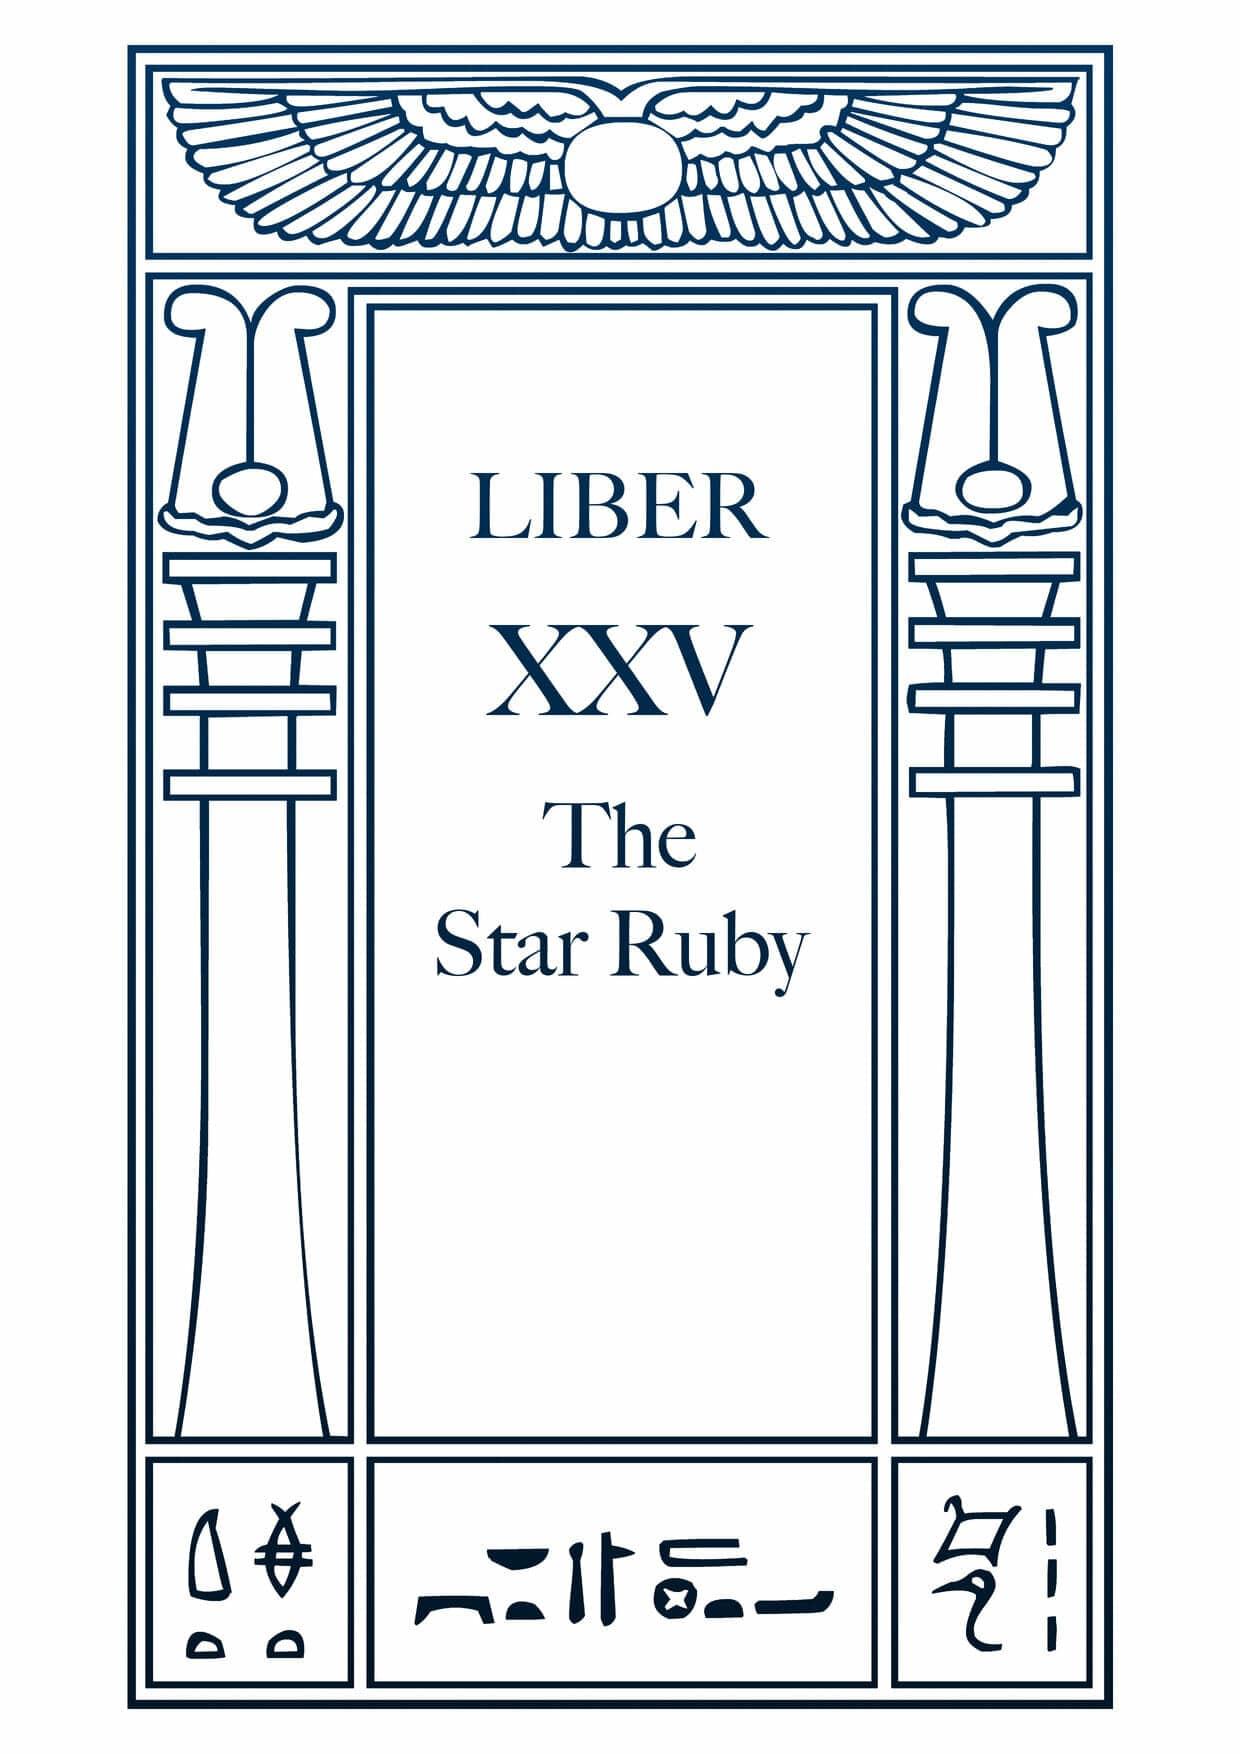 Liber XXV – The Star Ruby